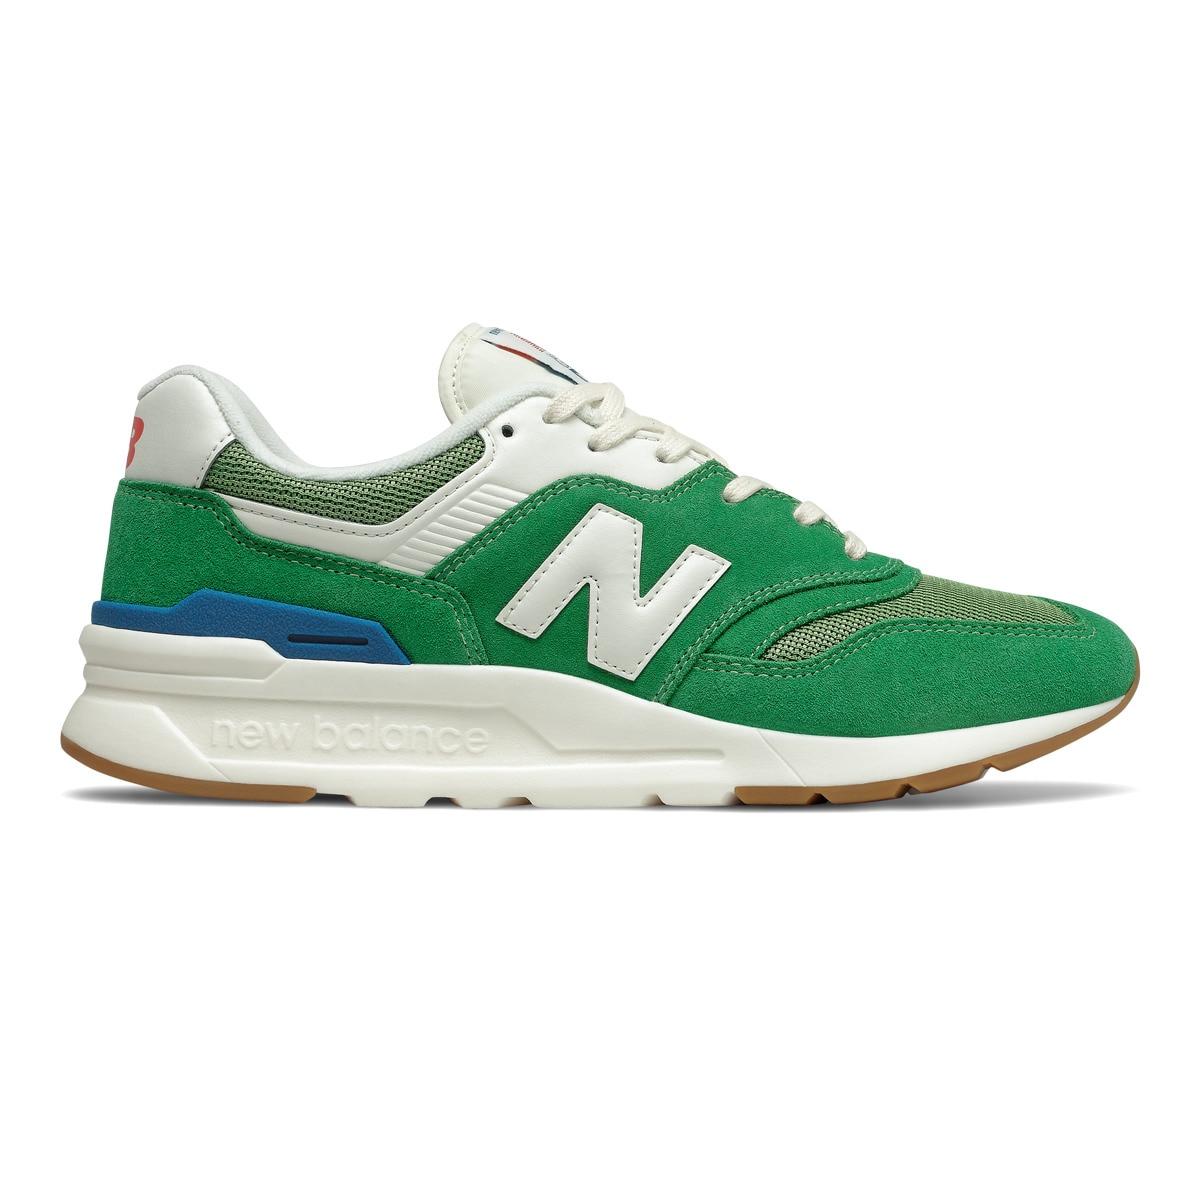 Zapatillas casual de hombre 997 New Balance